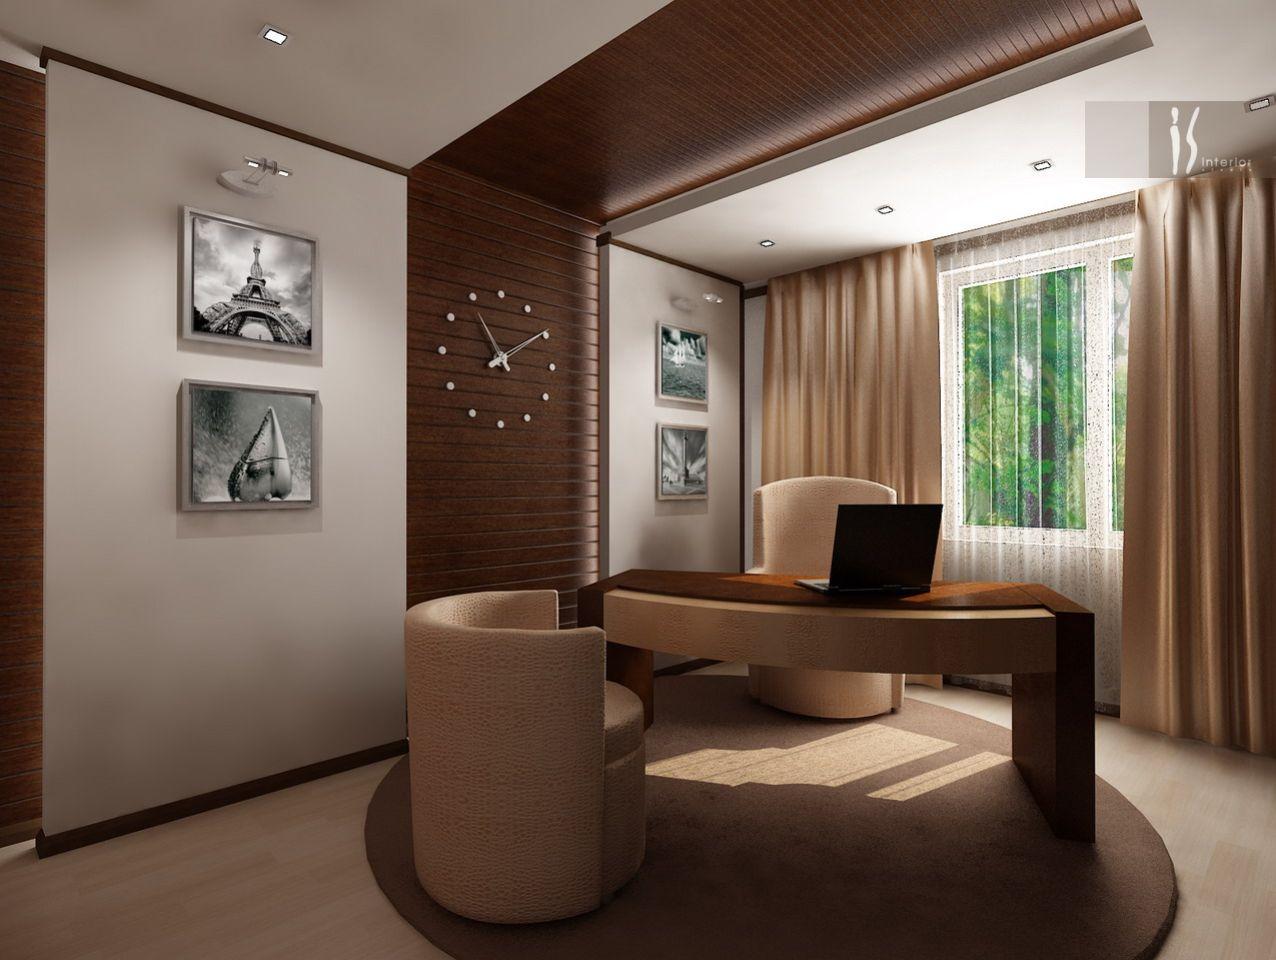 houseadvice 112243454324 - Идеи интерьера трехкомнатной квартиры